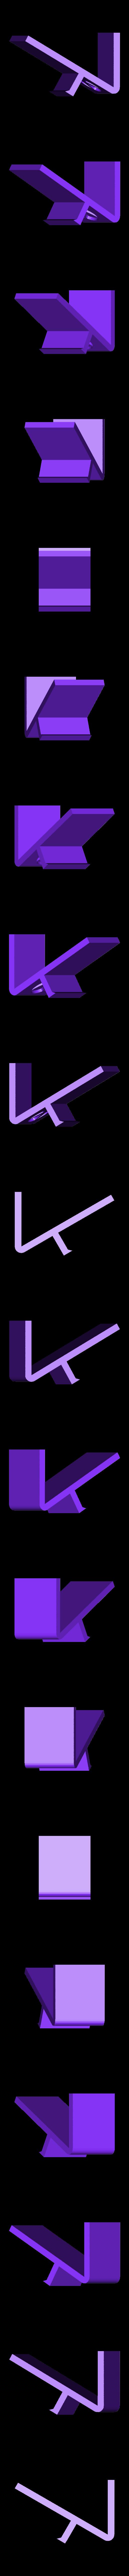 xbox_one_controller_stand_v1.stl Télécharger fichier STL gratuit Support pour manette Xbox One S • Design à imprimer en 3D, Werthrante